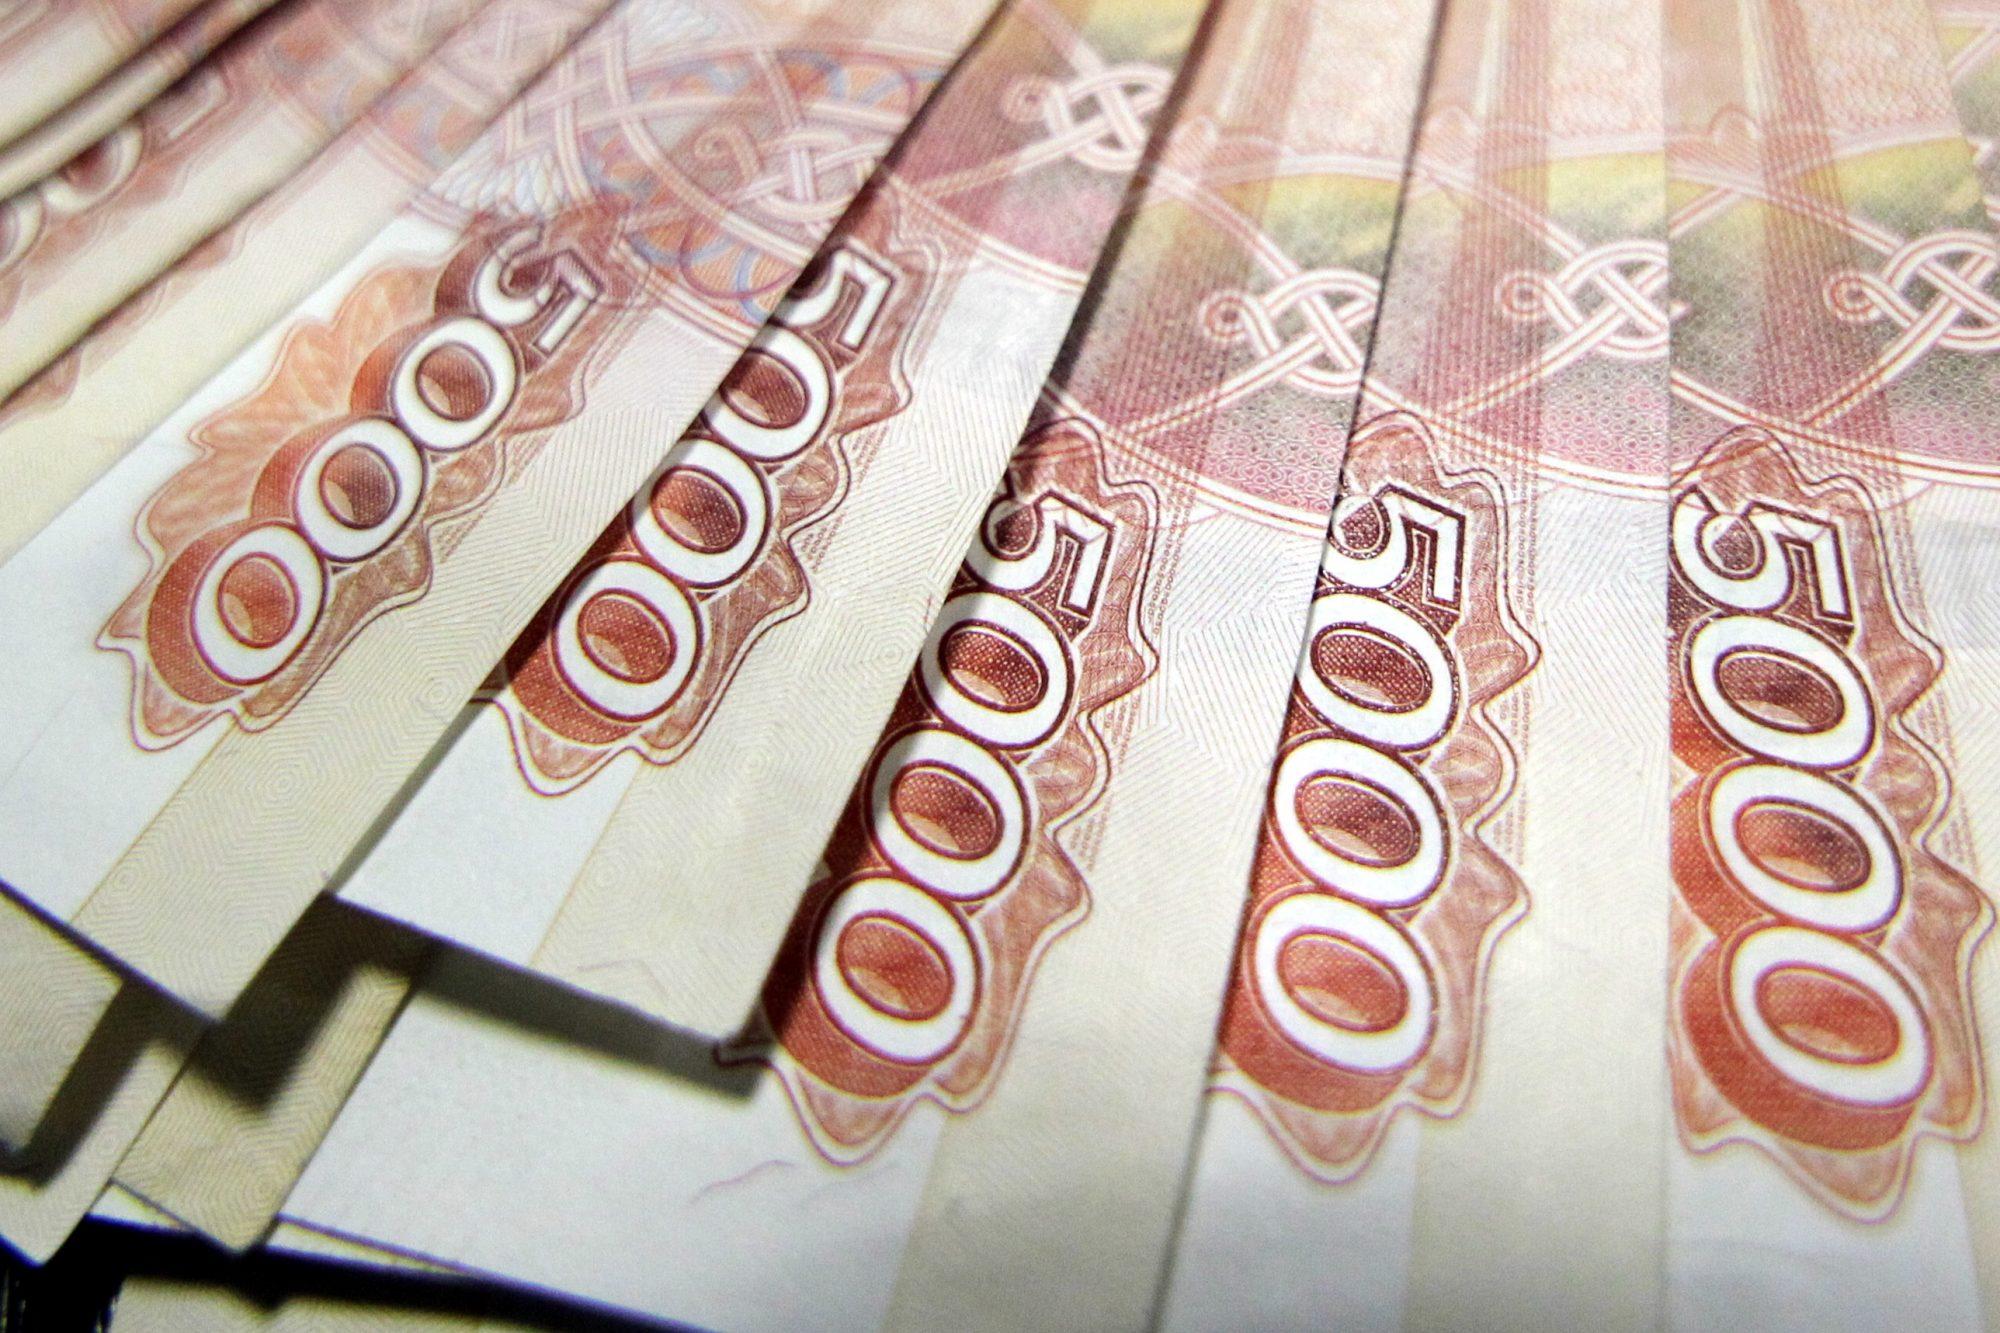 купюры банкноты деньги 5000 рублей